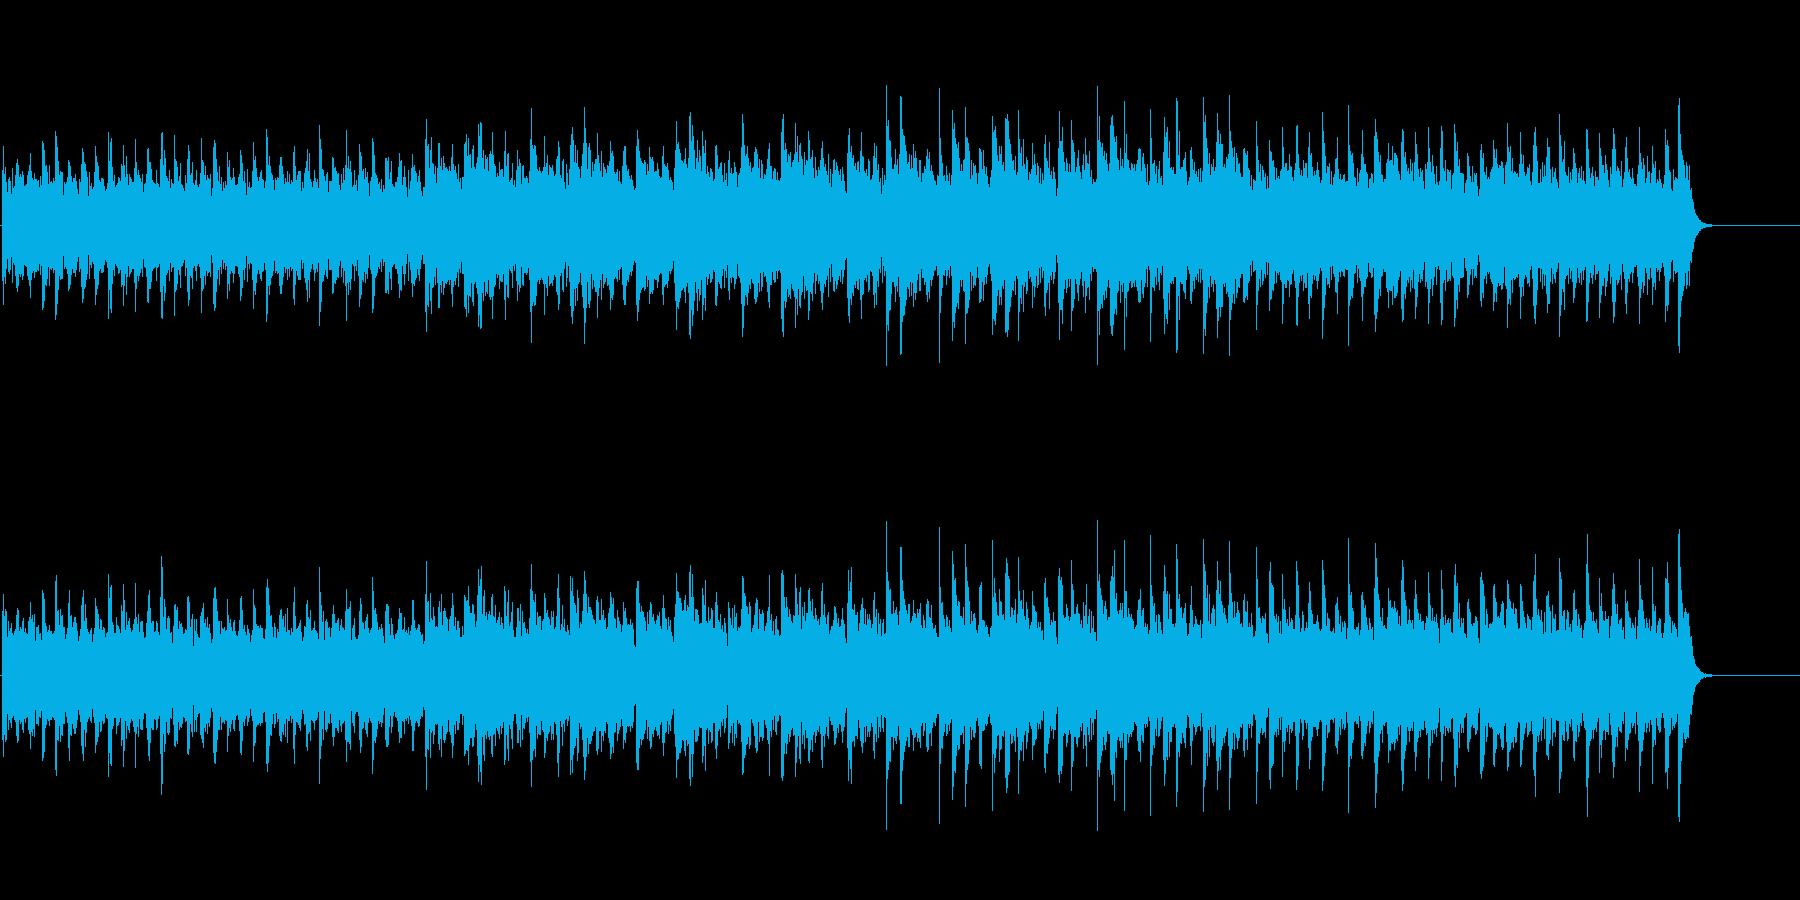 デジタルサウンド(テクノロジカルな感じ)の再生済みの波形